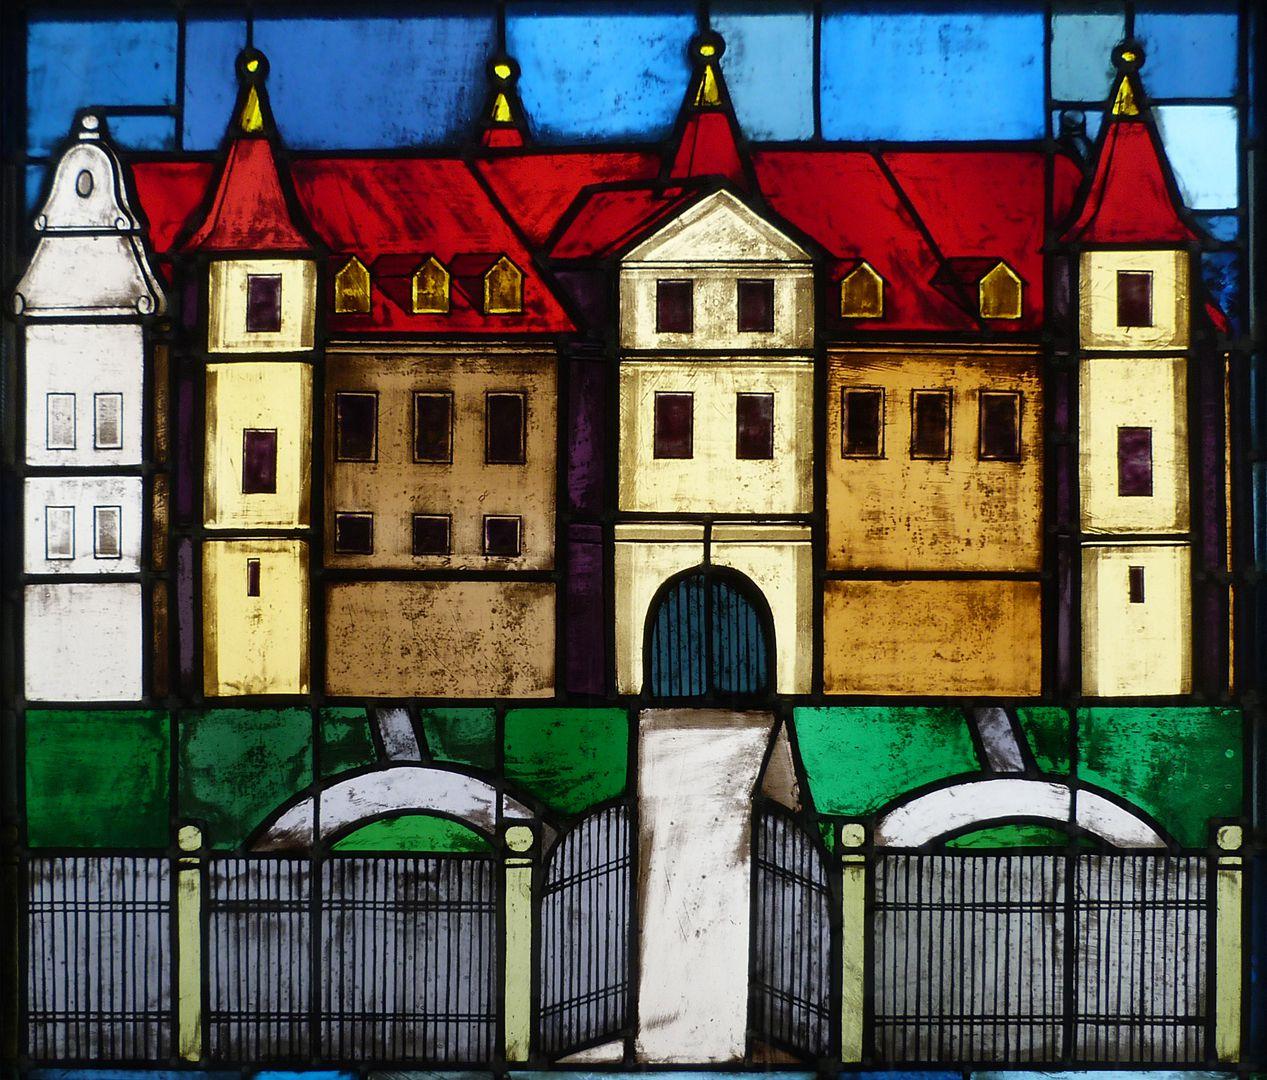 Glasfenster zur Stadtgeschichte Treppenaufgang zum dritten Stock, Neunhof bei Lauf, Neues Schloss (Eingemeindung 1972)